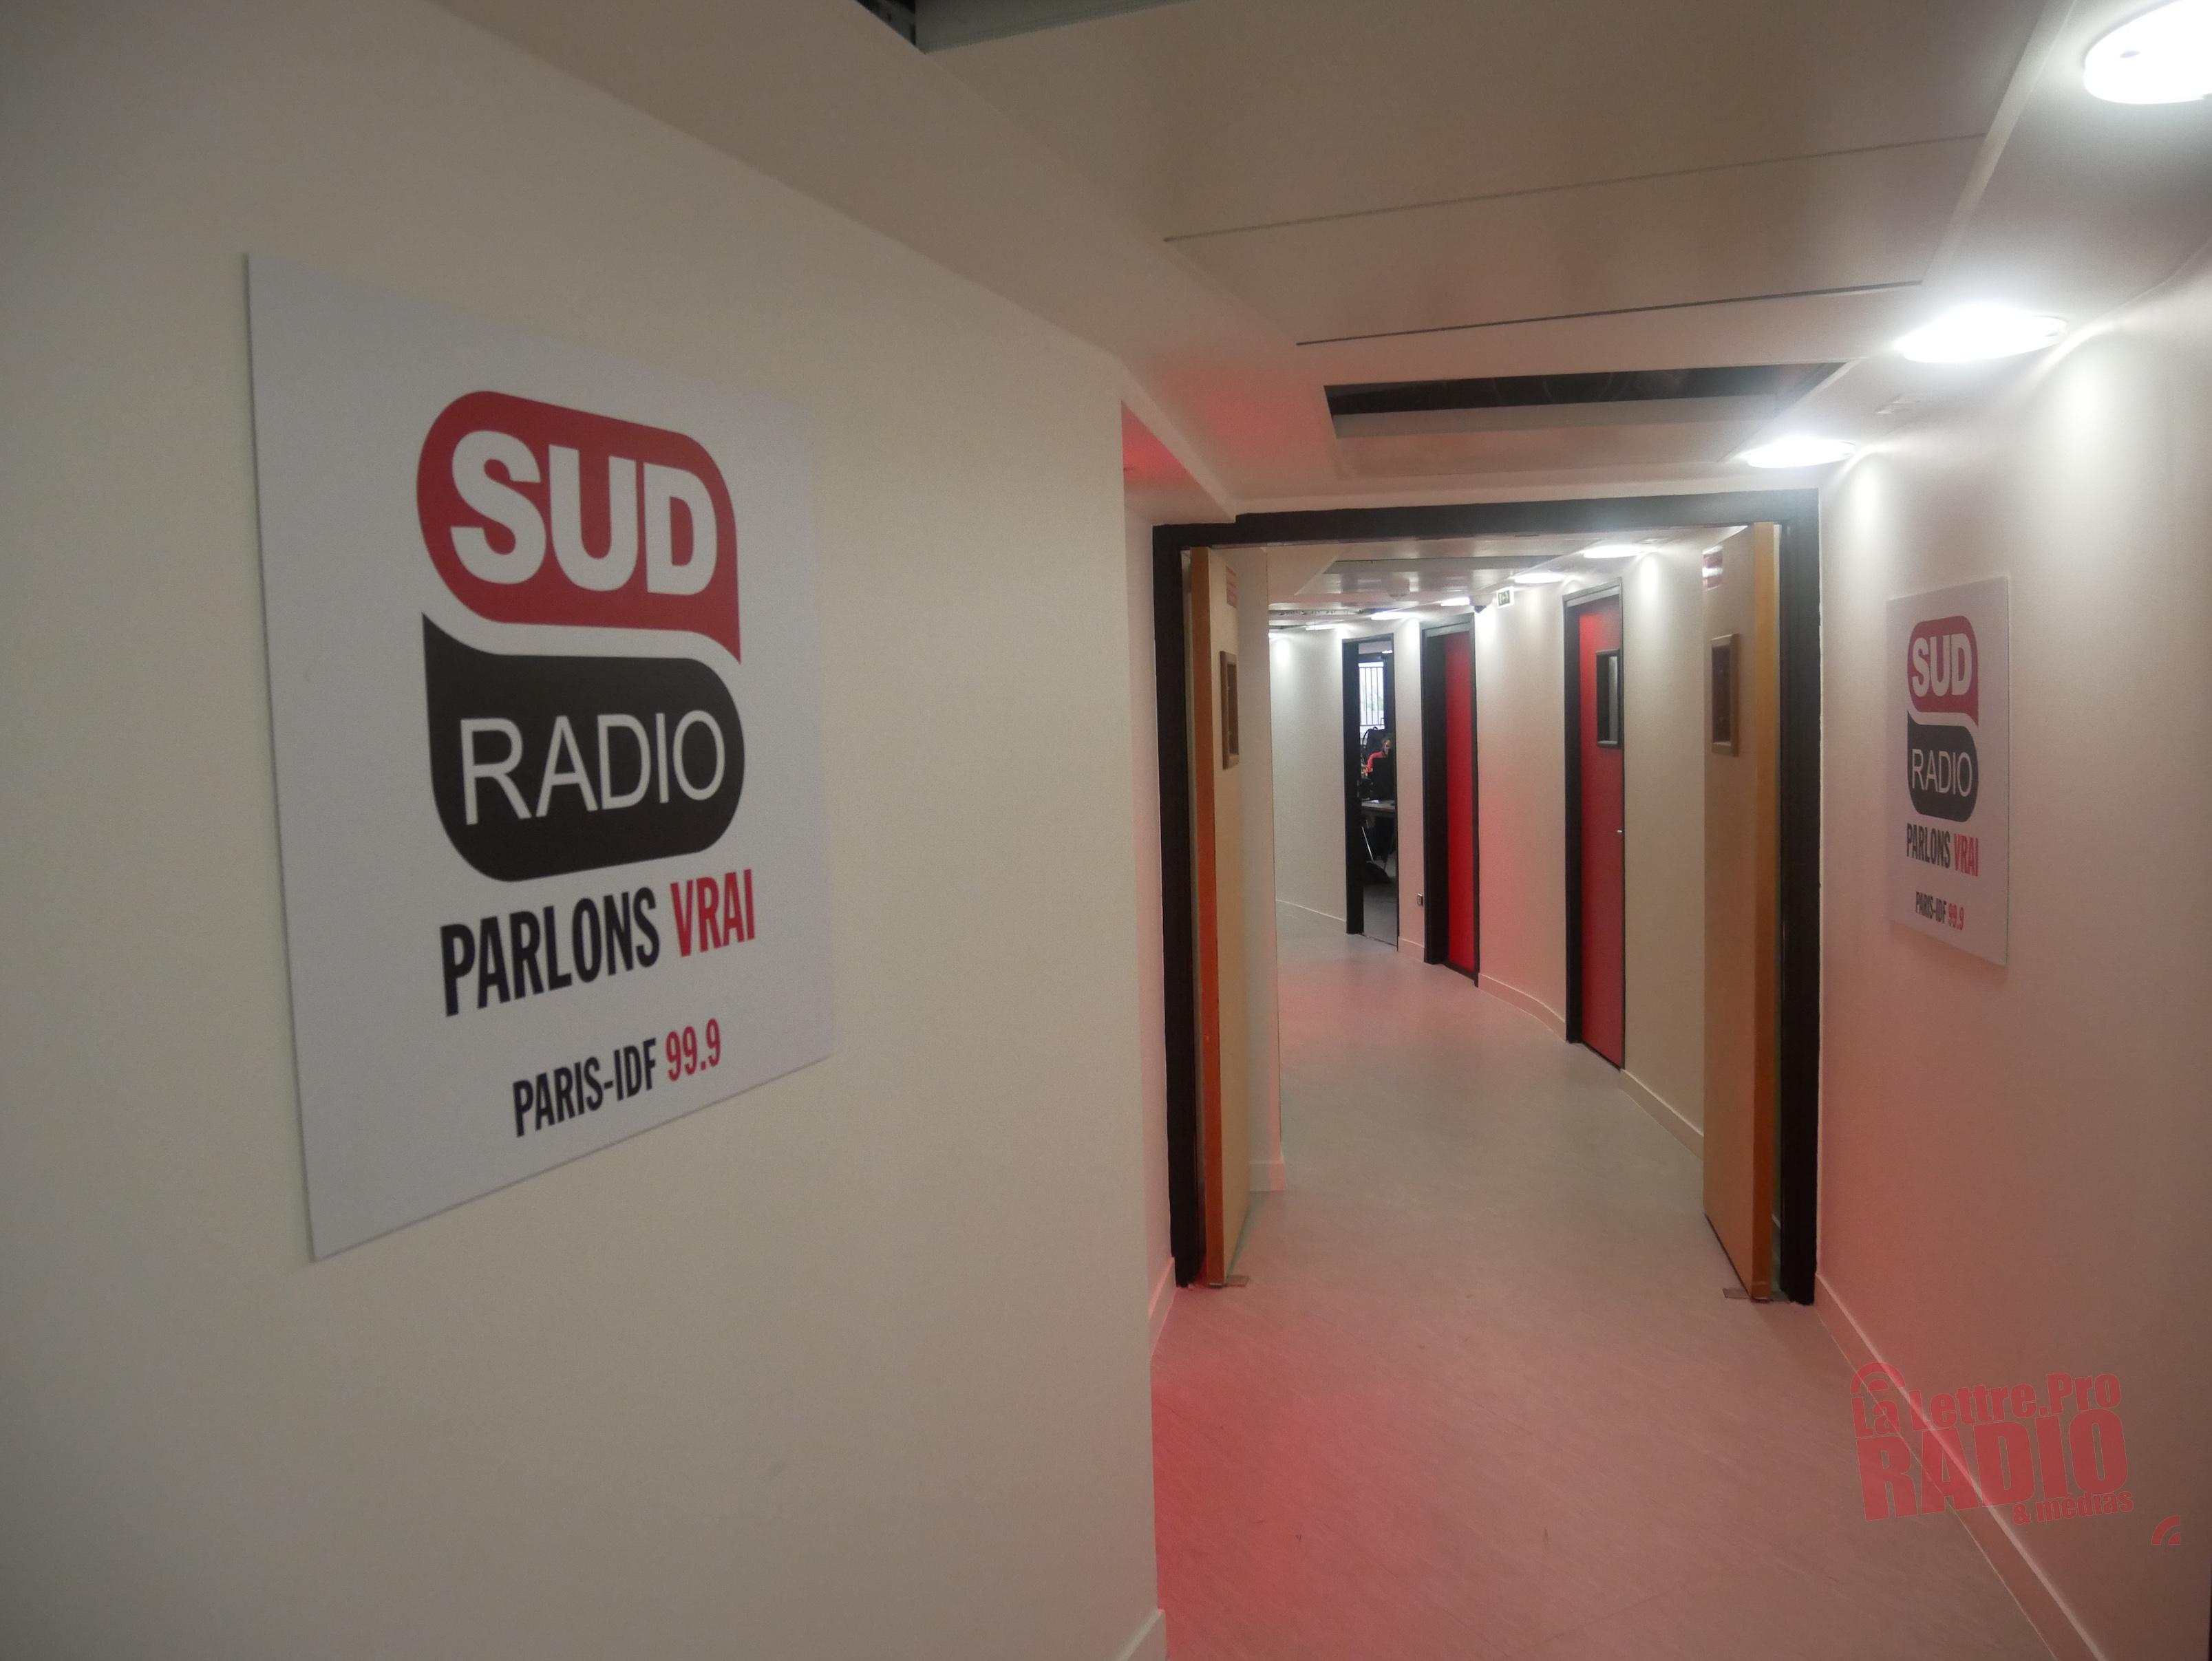 Sud Radio dispose de deux étages, entièrement rénovés, dans l'immeuble 104 Kennedy, près de la Maison de la Radio / Photo François Quairel